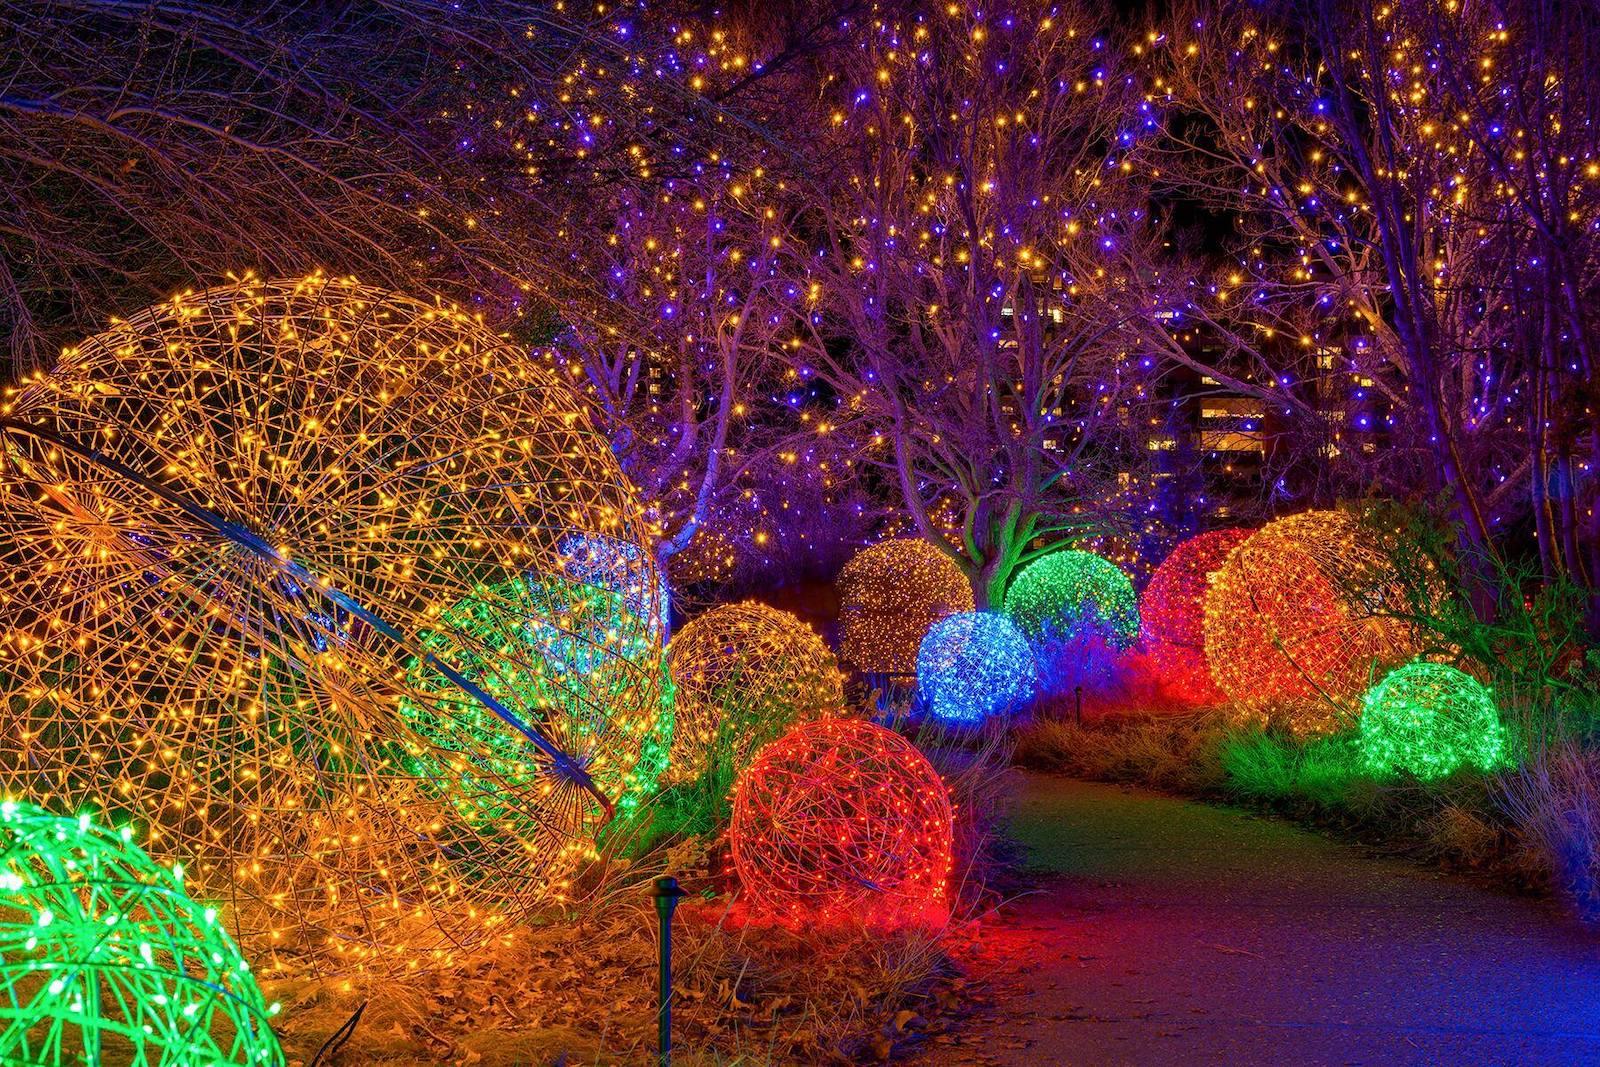 Image of the Denver Botanic Gardens Blossoms of Light event in Colorado